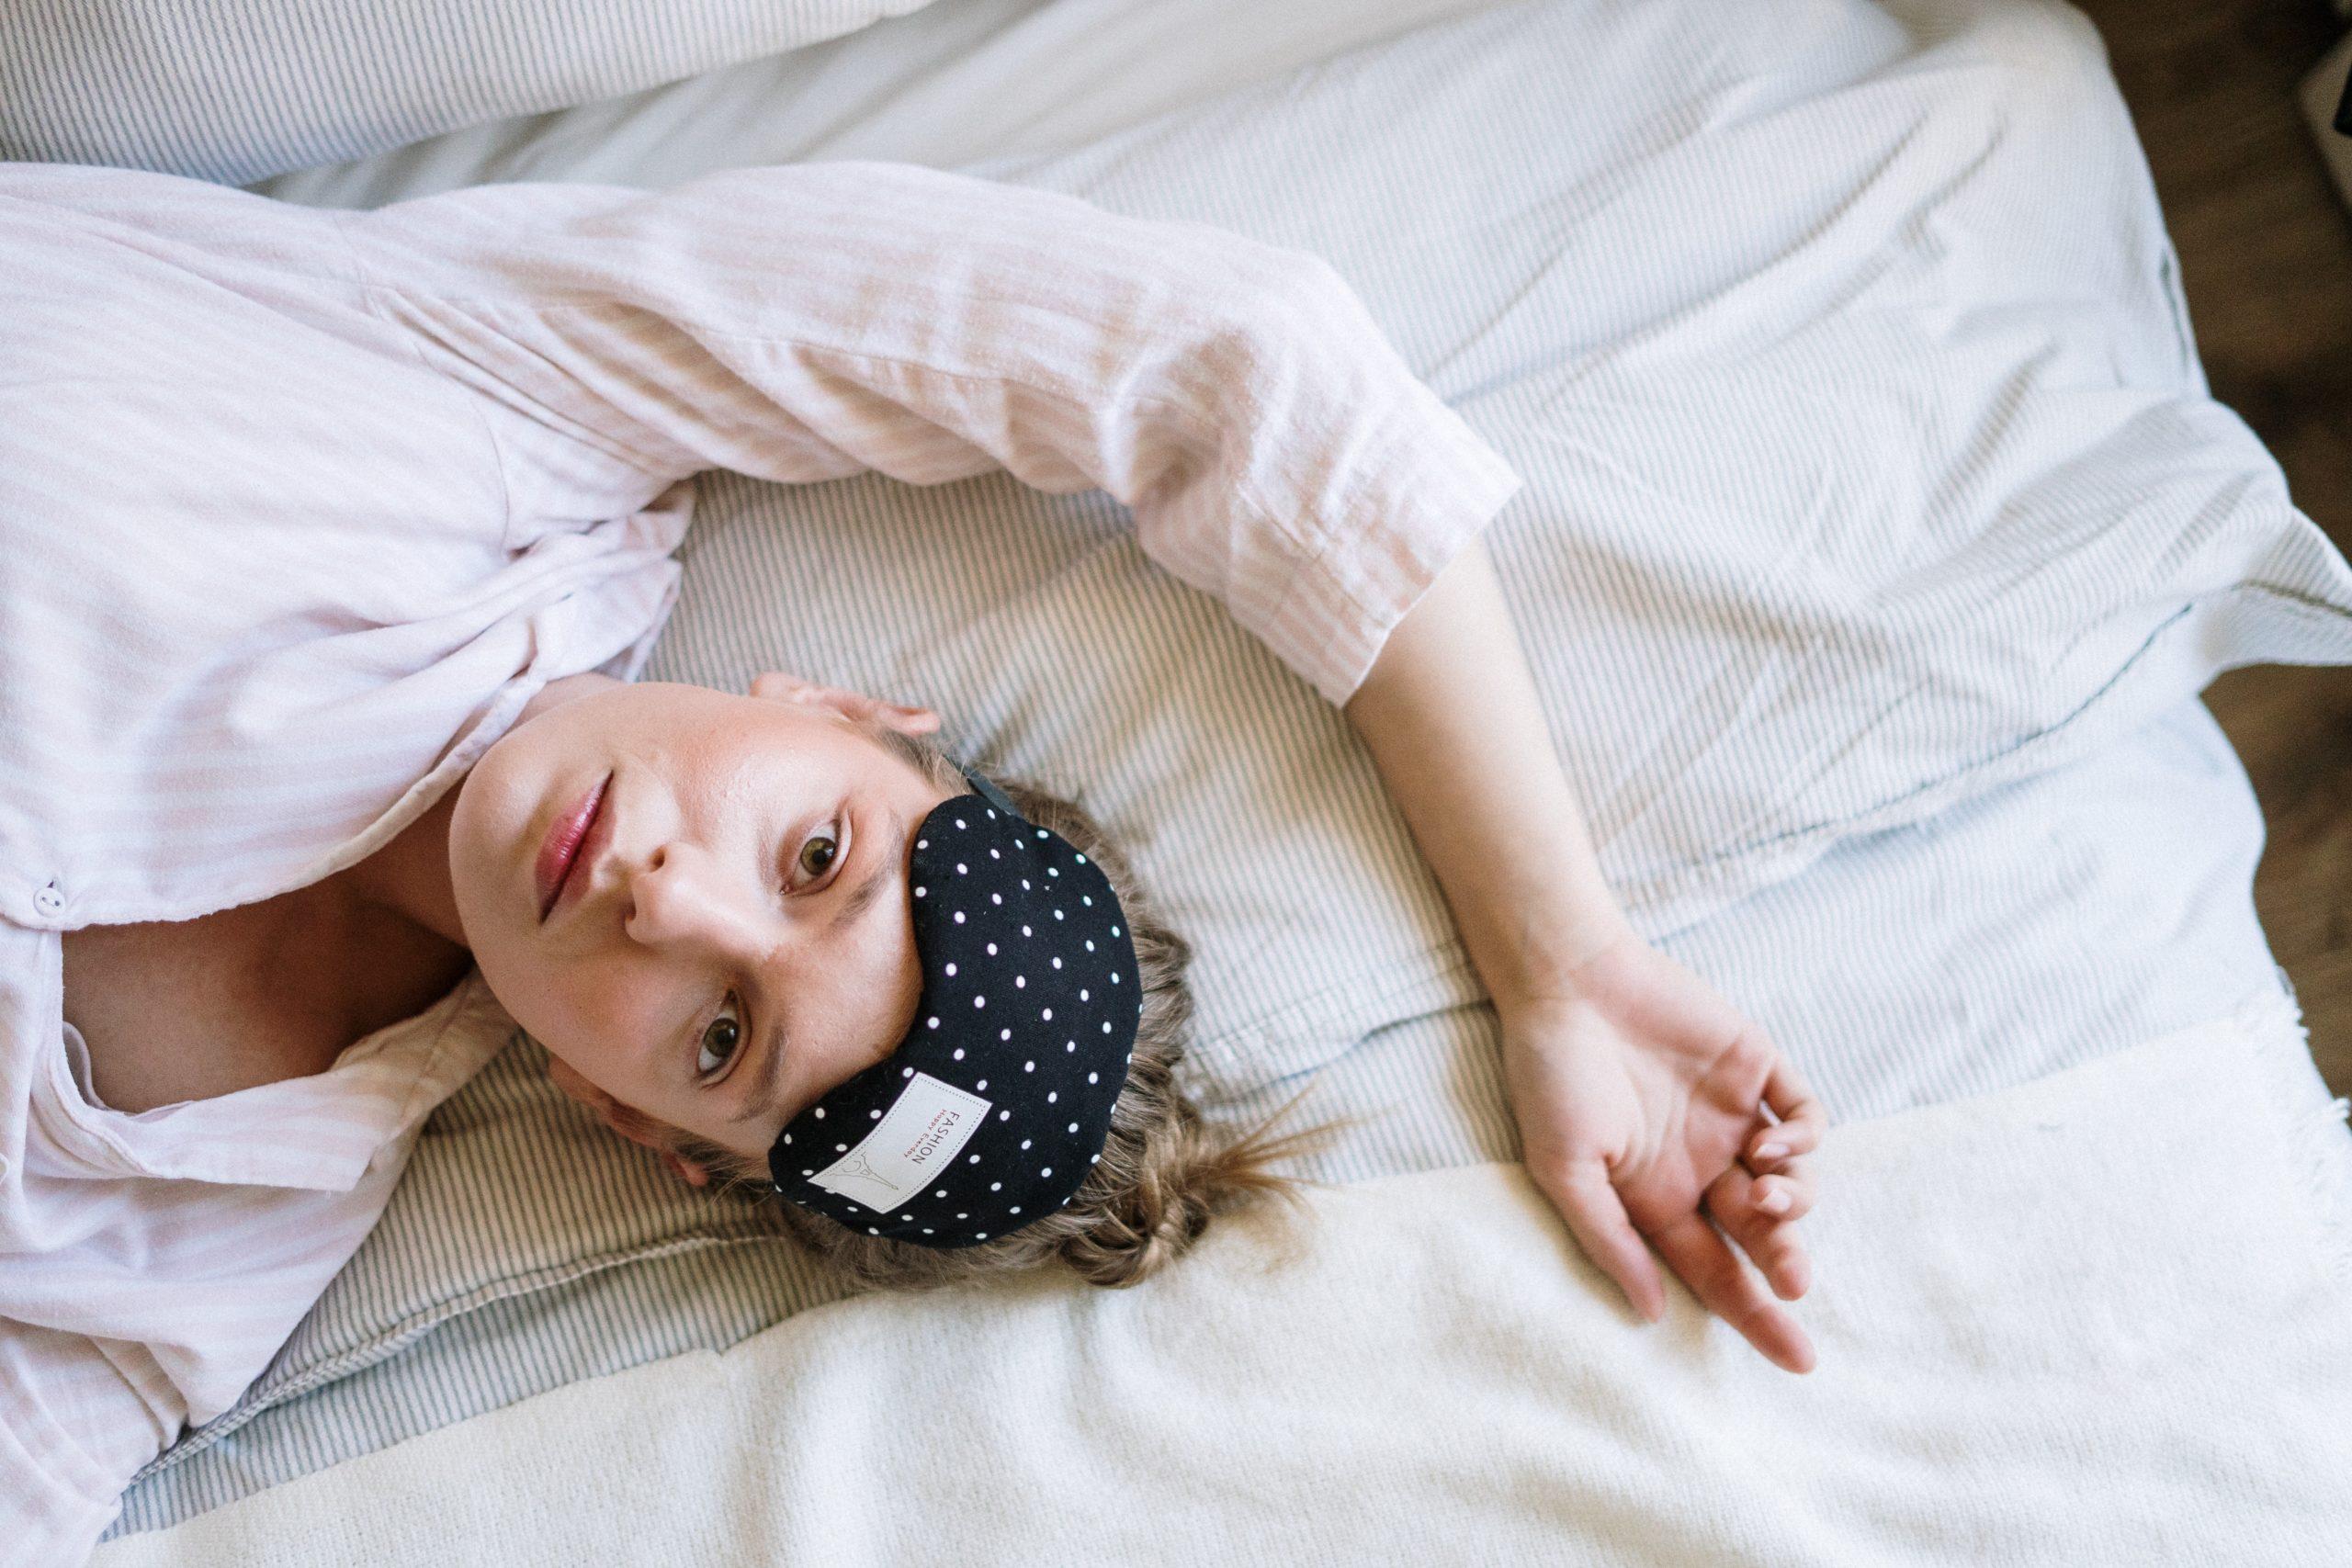 Рейтинг лучших масок для сна на 2021 год